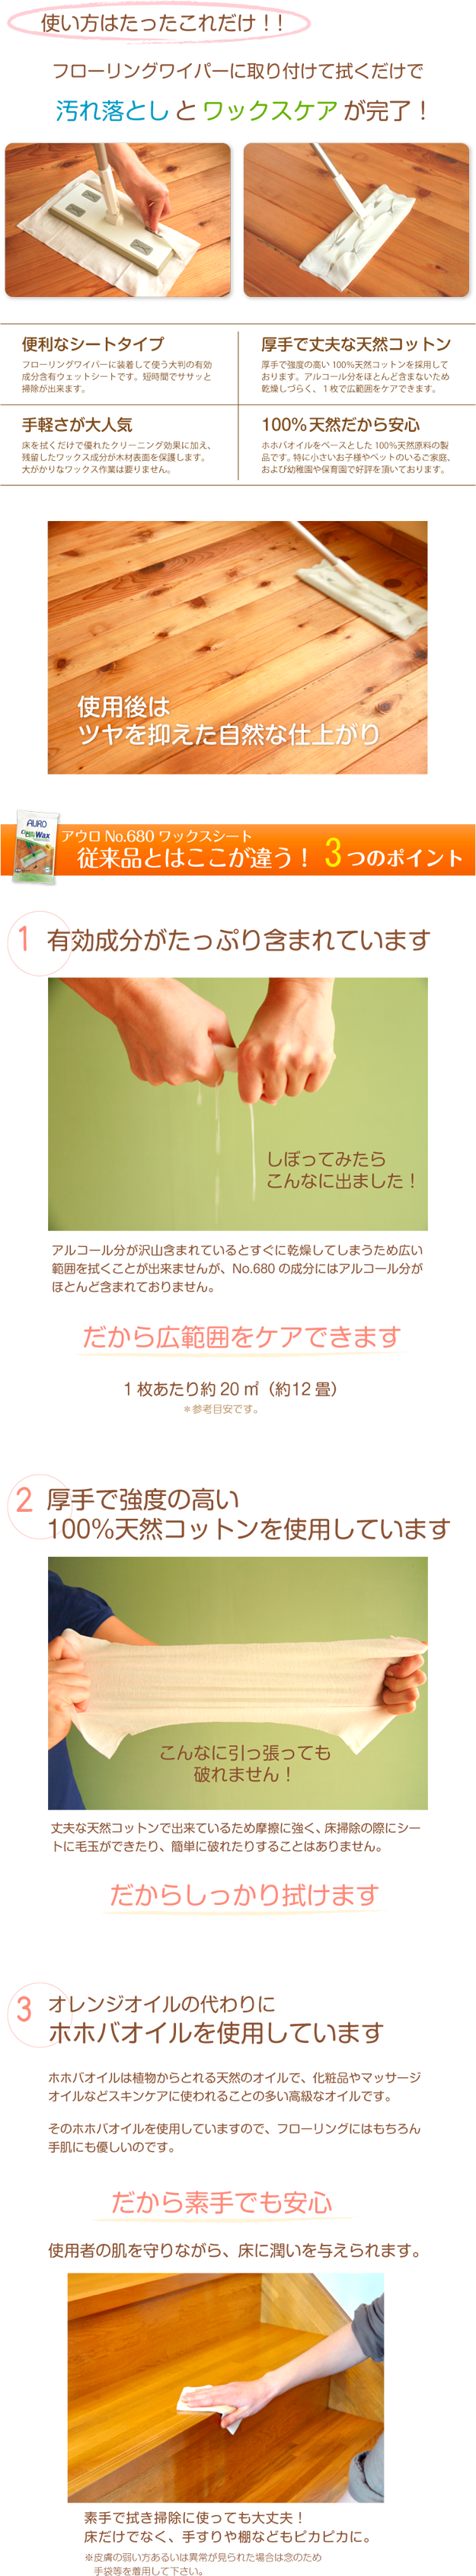 自然塗料 AURO(アウロ) No.680 使い方等